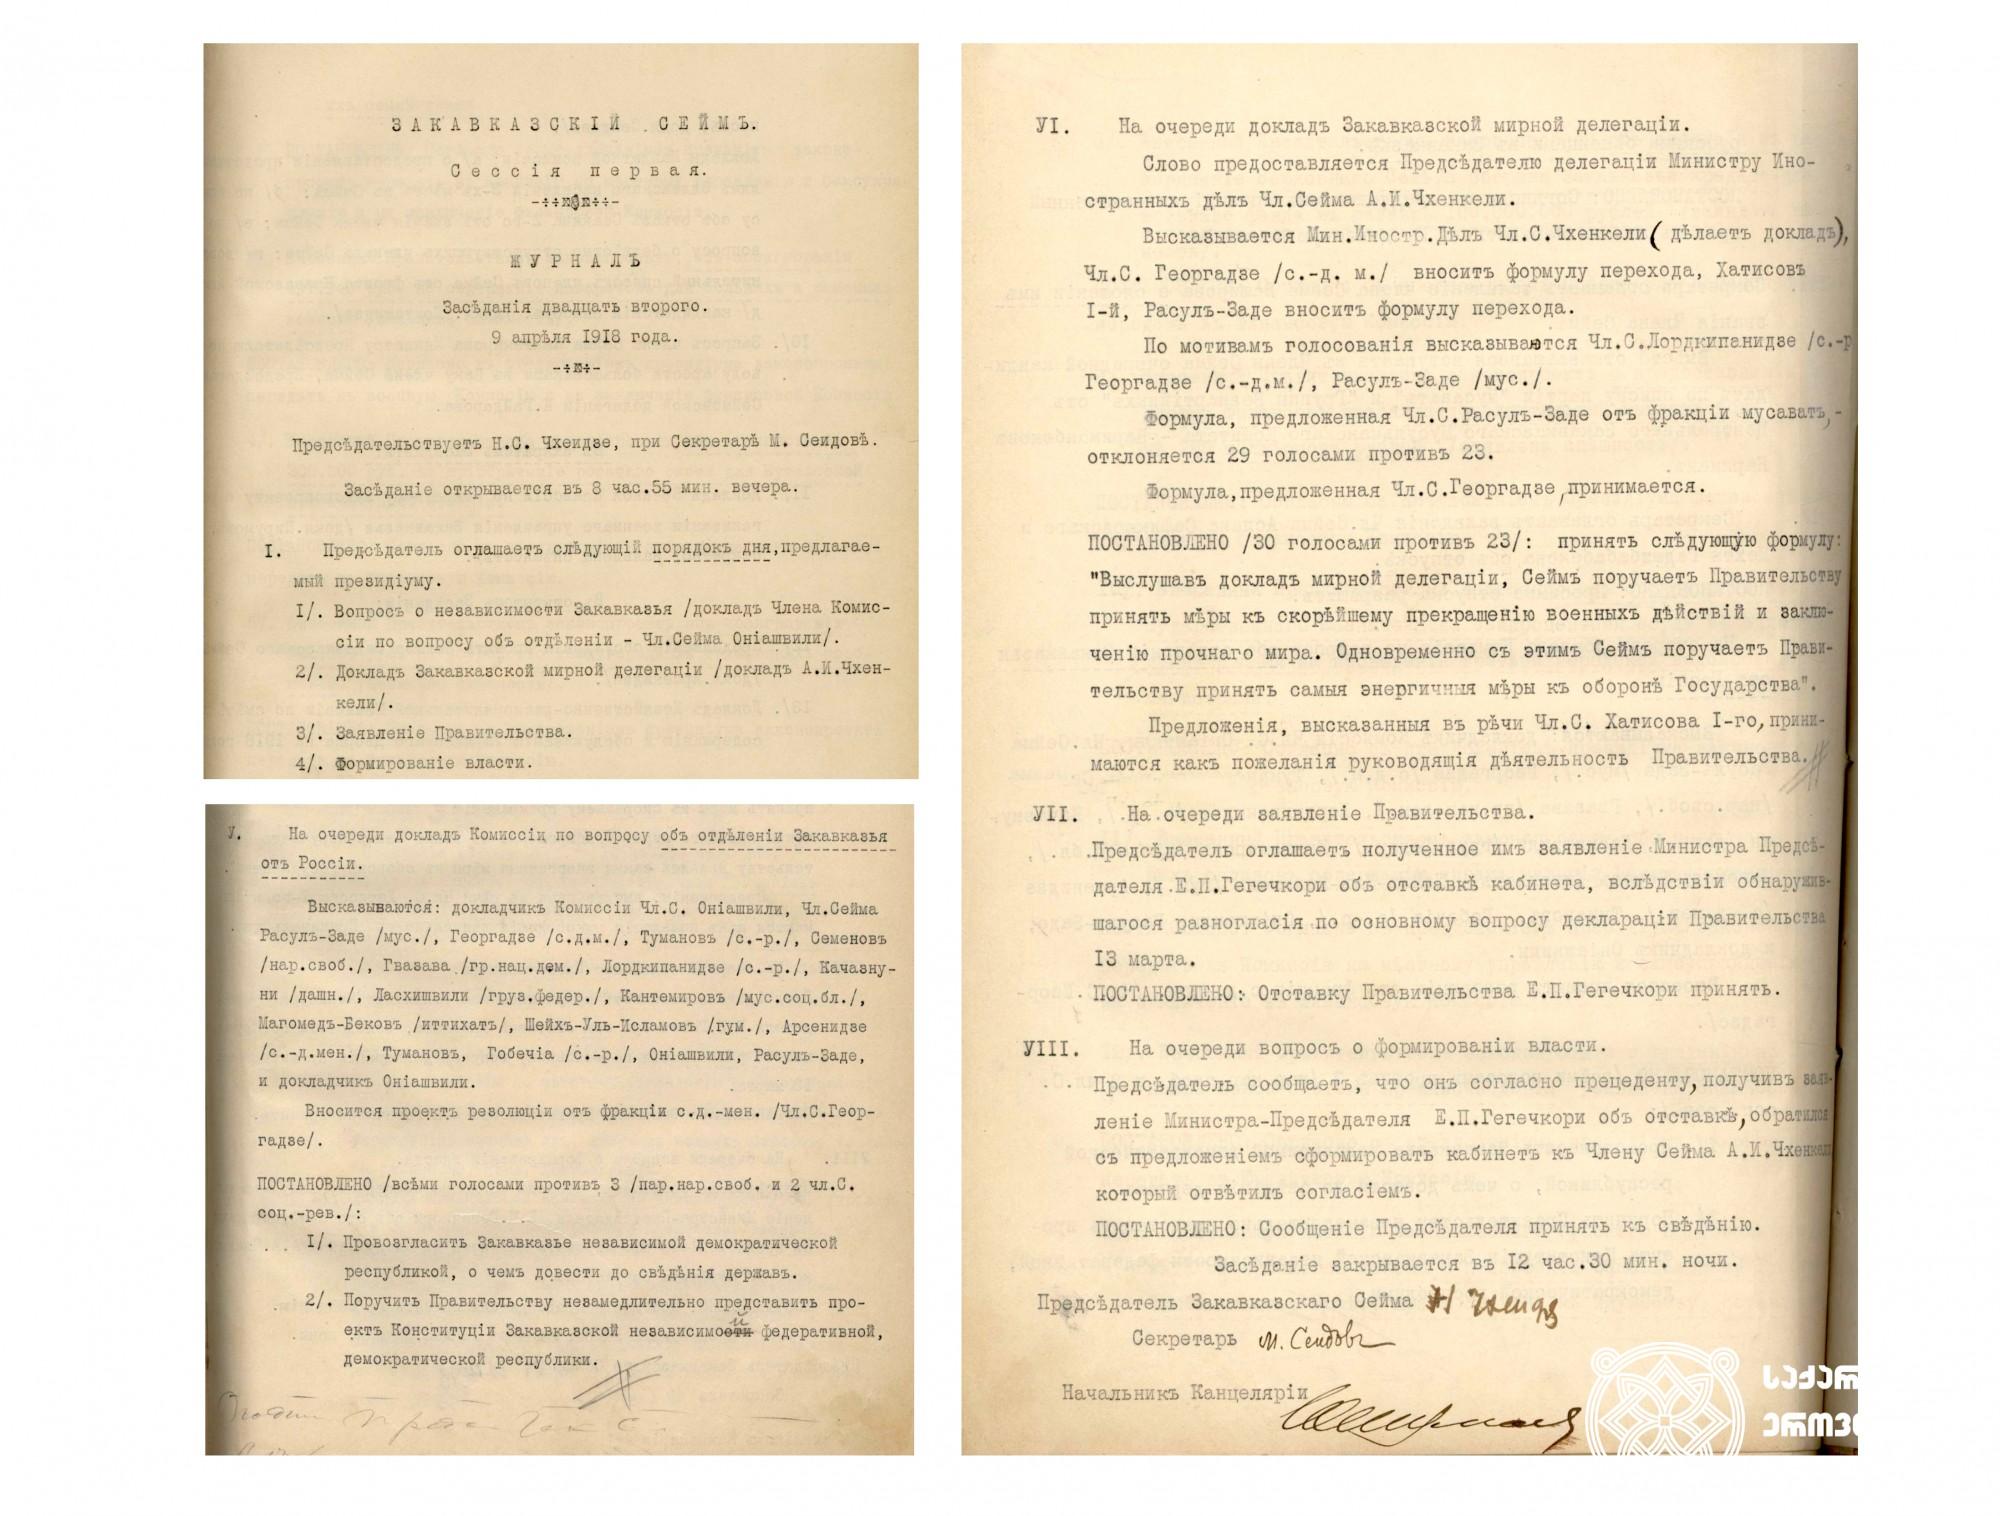 ამიერკავკასიის სეიმის მიერ 1918 წლის 9 (22) აპრილს ამიერკავკასიის რესპუბლიკის დამოუკიდებლობის გამოცხადება. <br> Declaration of the Independence of the Transcaucasian Republic by the Transcaucasian Sejm on 9 (22) April, 1918.